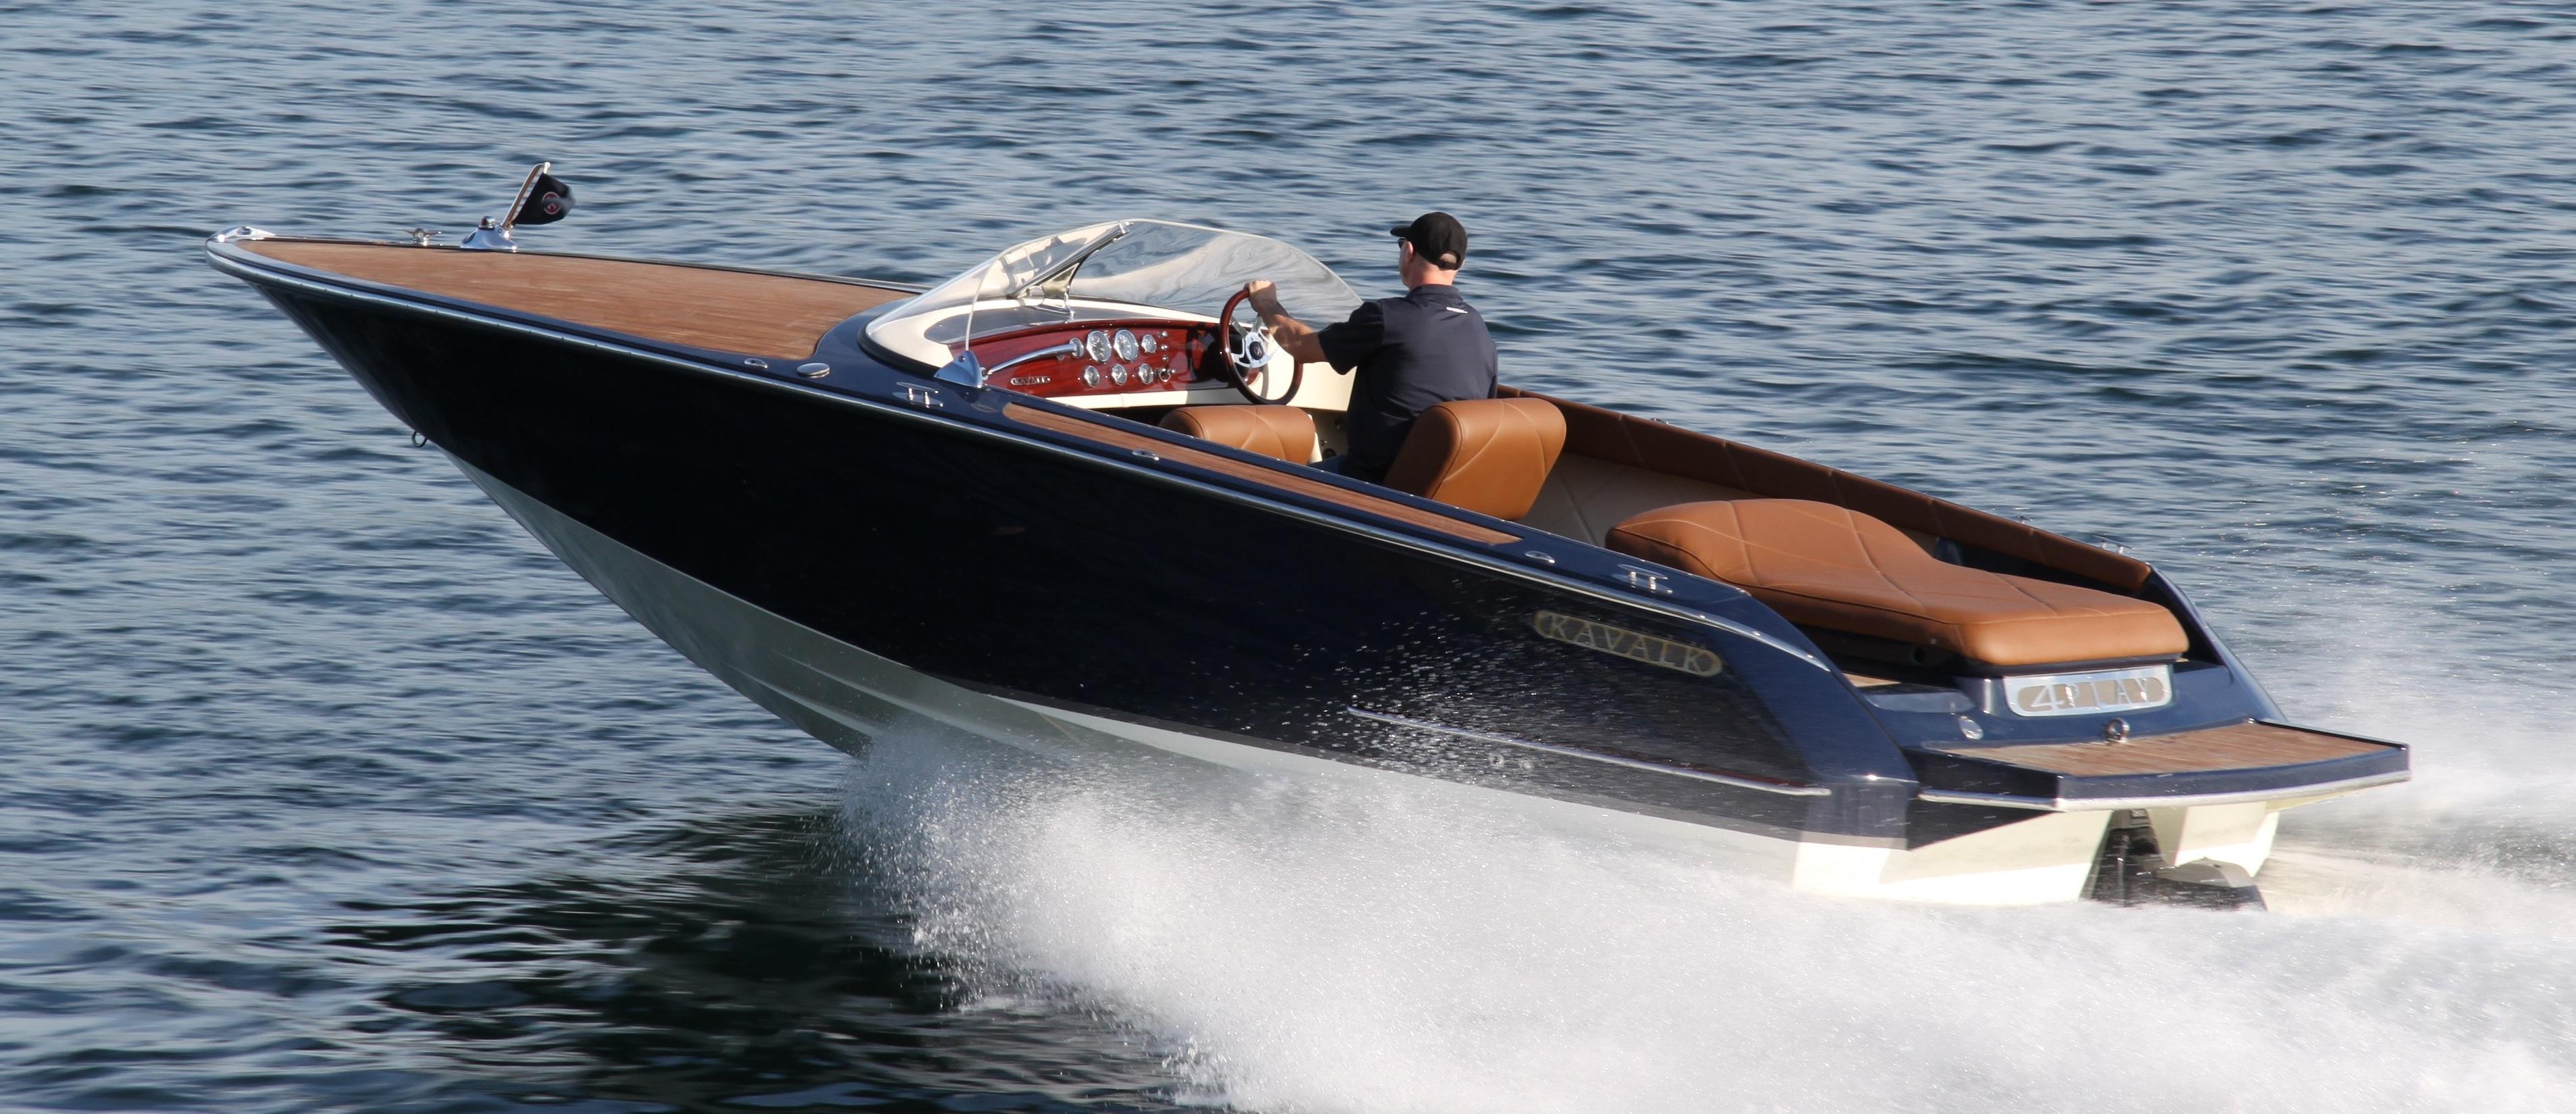 kazulin boats yacht tender series sportrunner 25  u2014 yacht